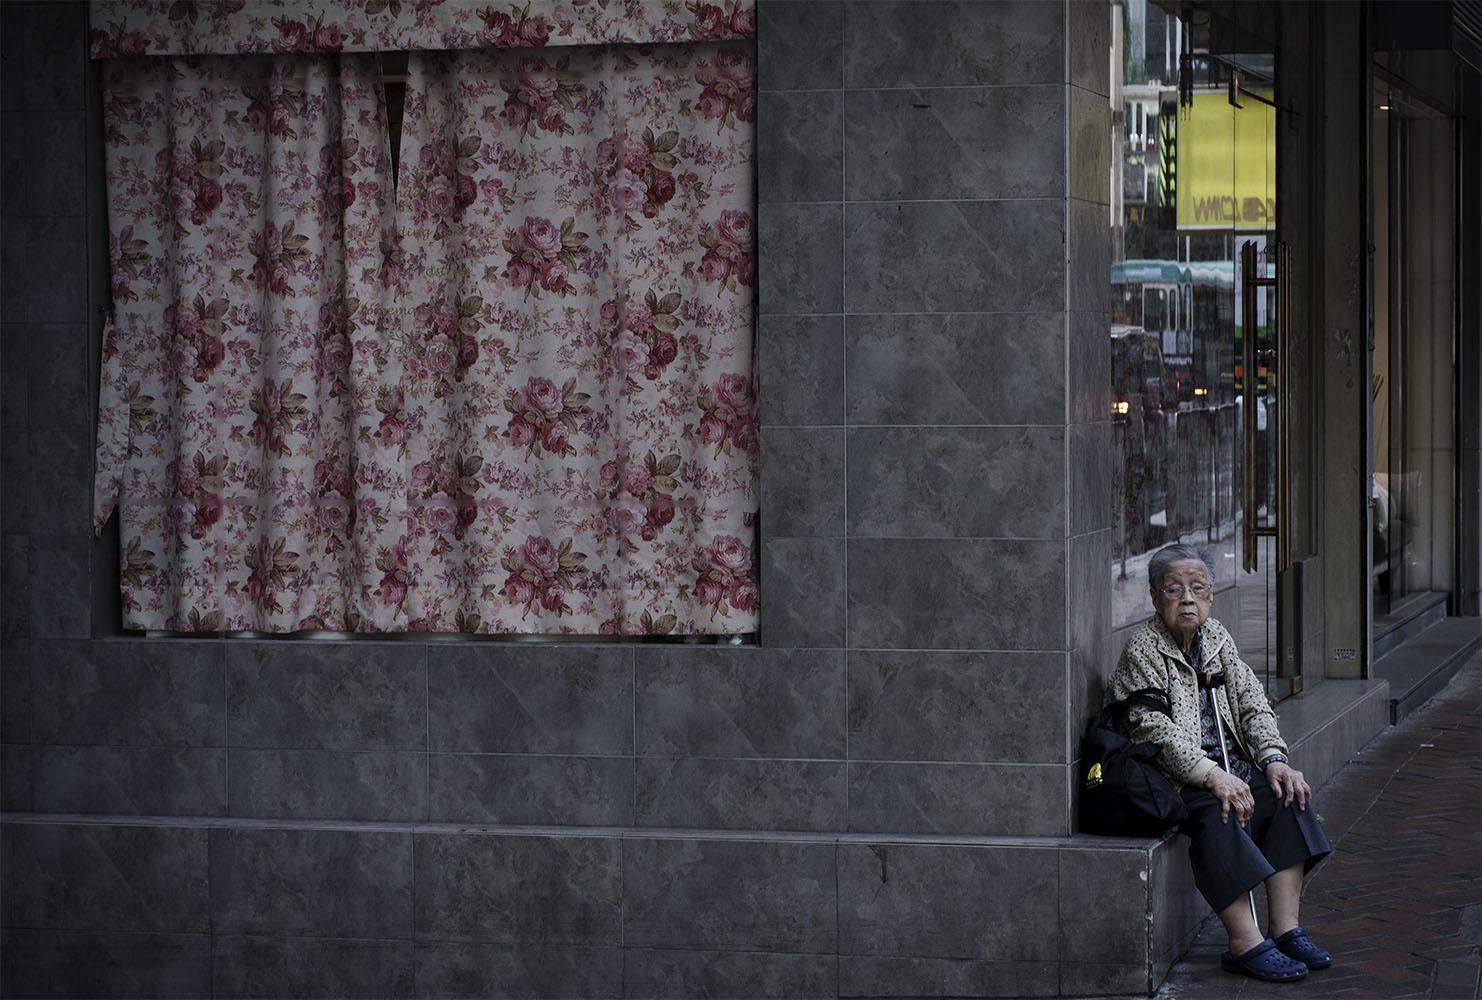 Hong Konk 2011 streets_2.jpg